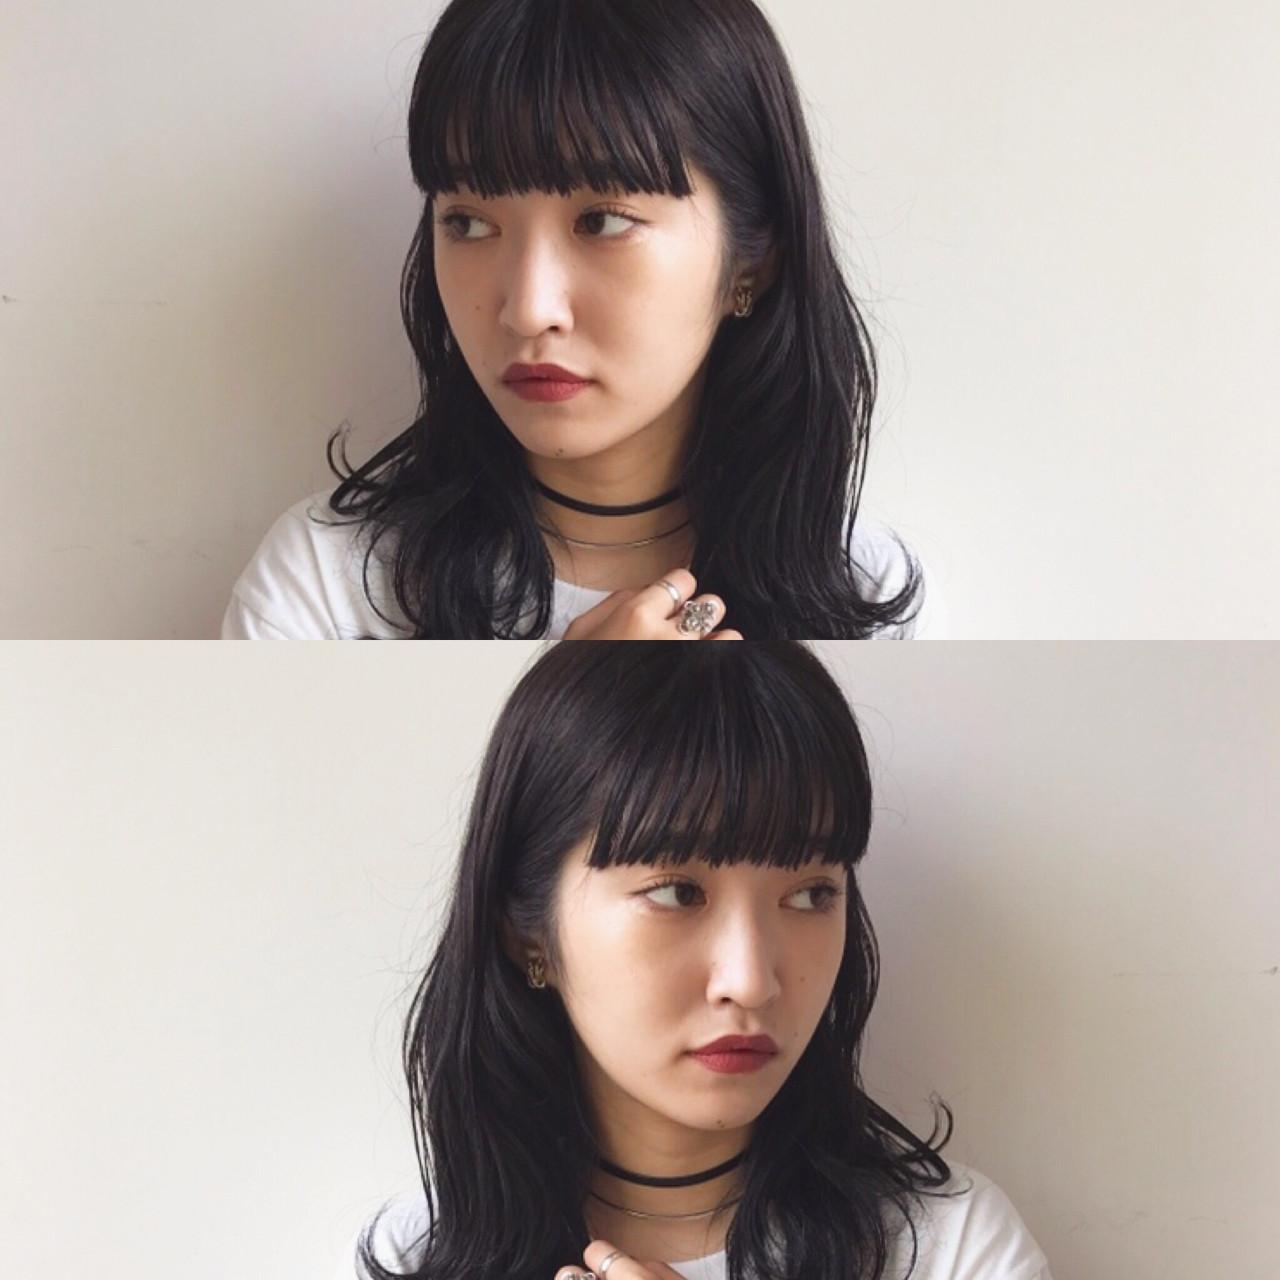 アンニュイ感たっぷり♡ぱっつん×黒髪ミディアム 佐々木拓巳 | GARDEN harajuku